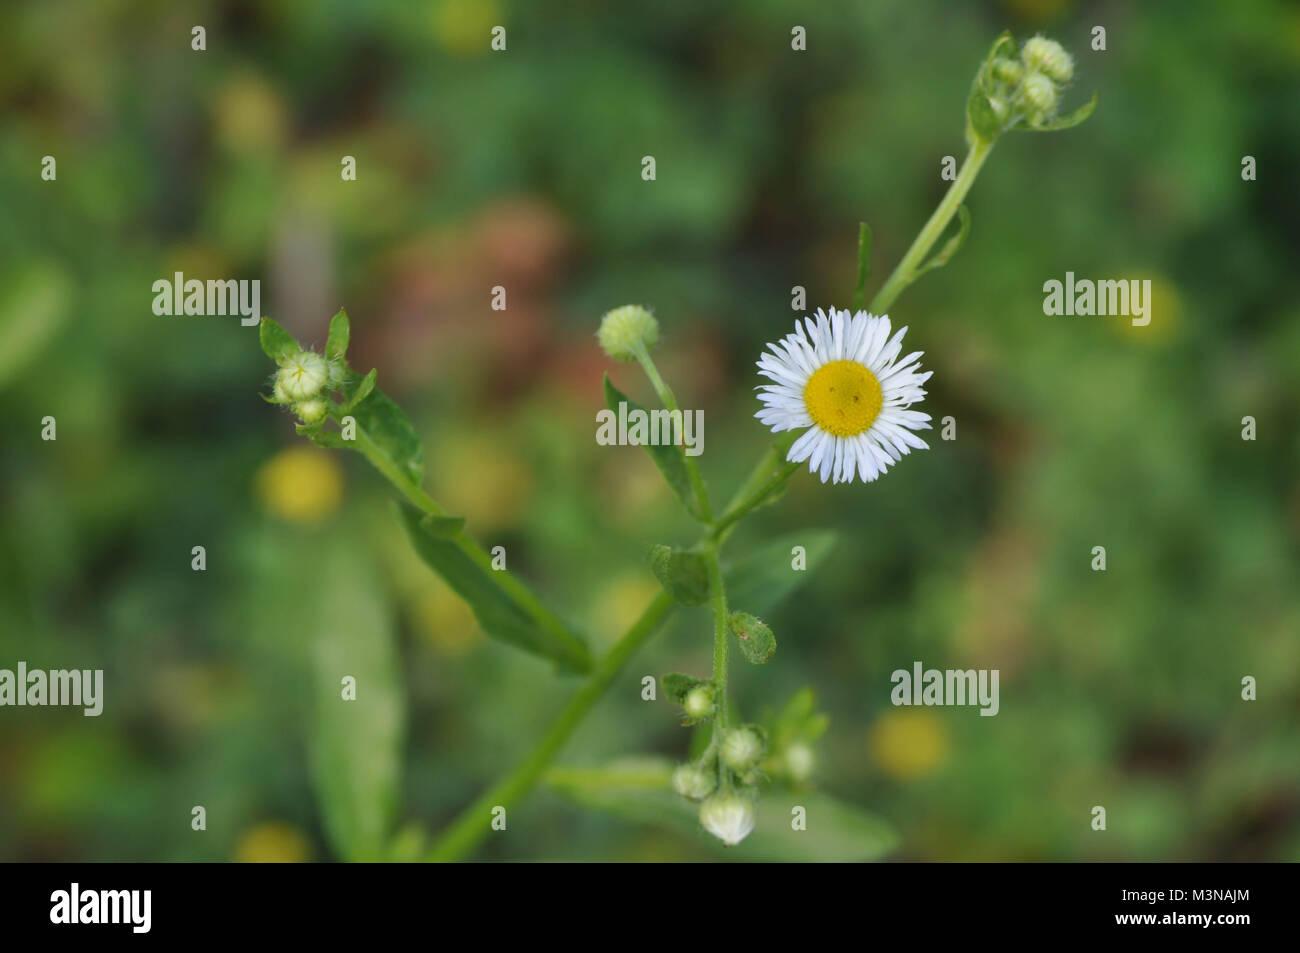 Daisy Like Flower Face Stock Photos Daisy Like Flower Face Stock